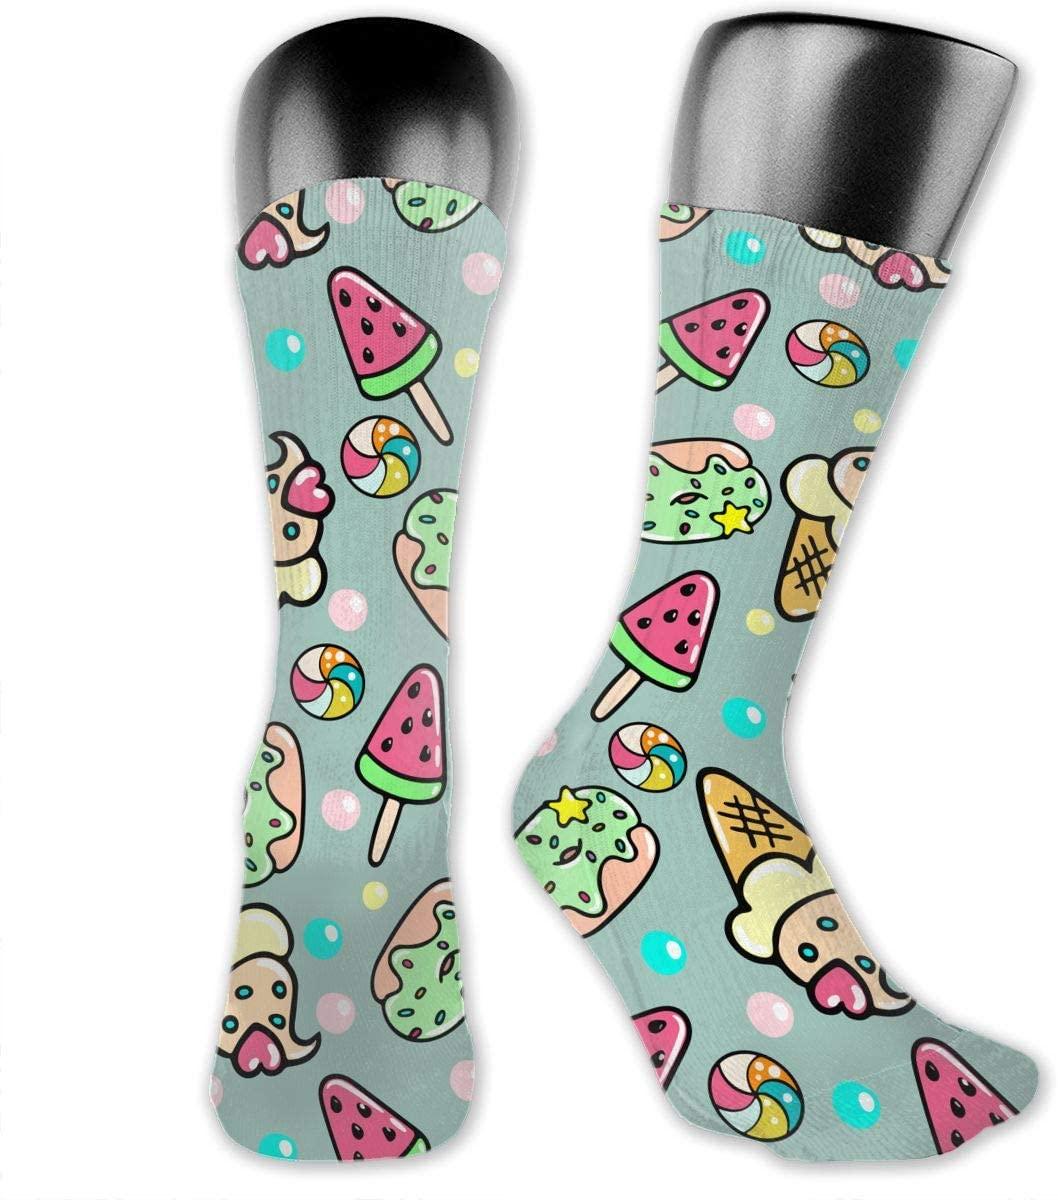 Sweet Doughnut Unisex Outdoor Long Socks Sport Athletic Crew Socks Stockings